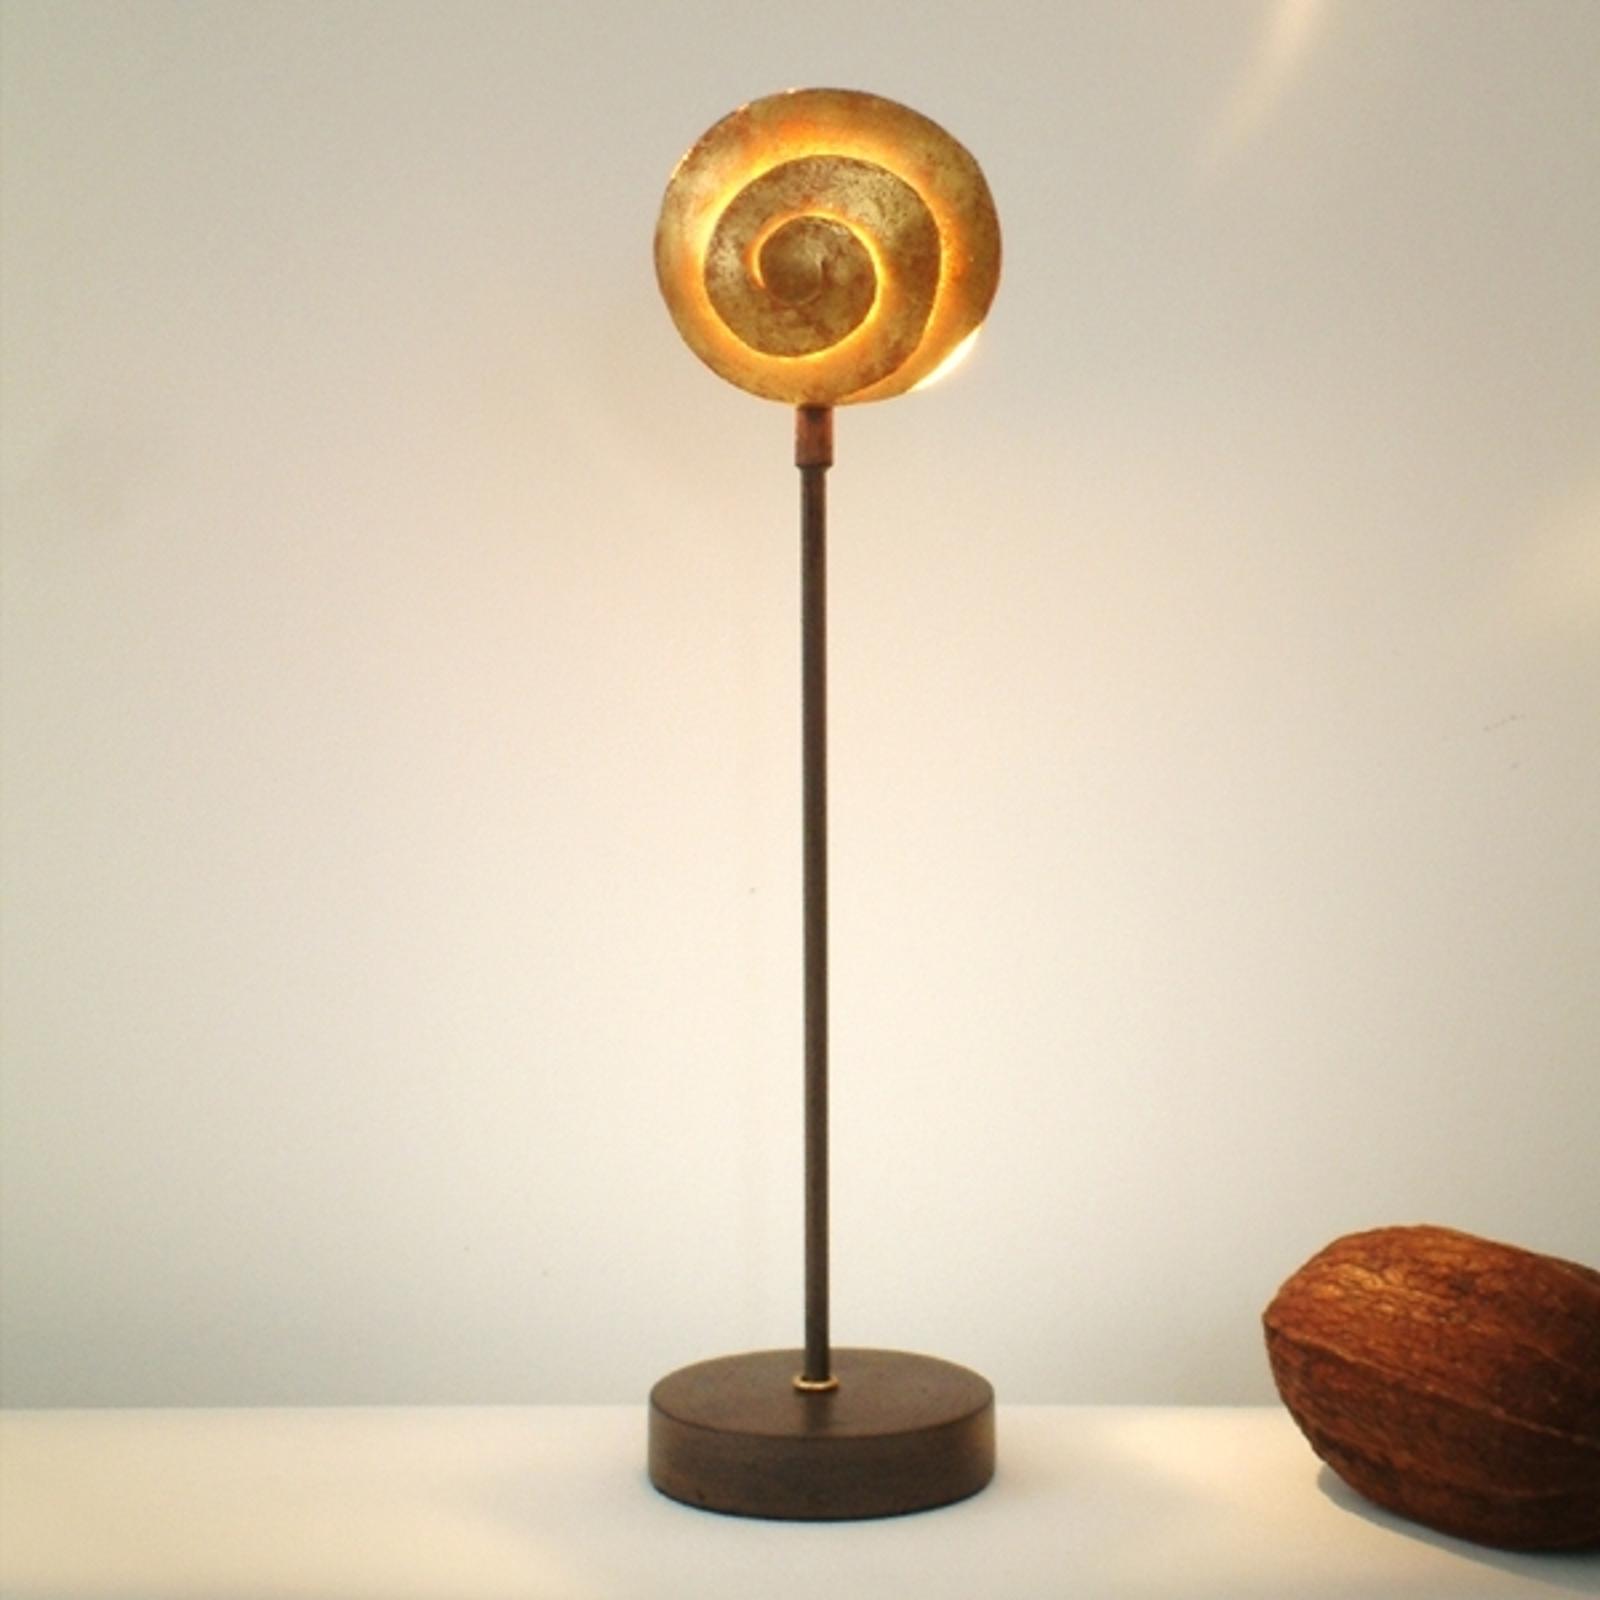 Vakker bordlampe Schnecke Gold av jern